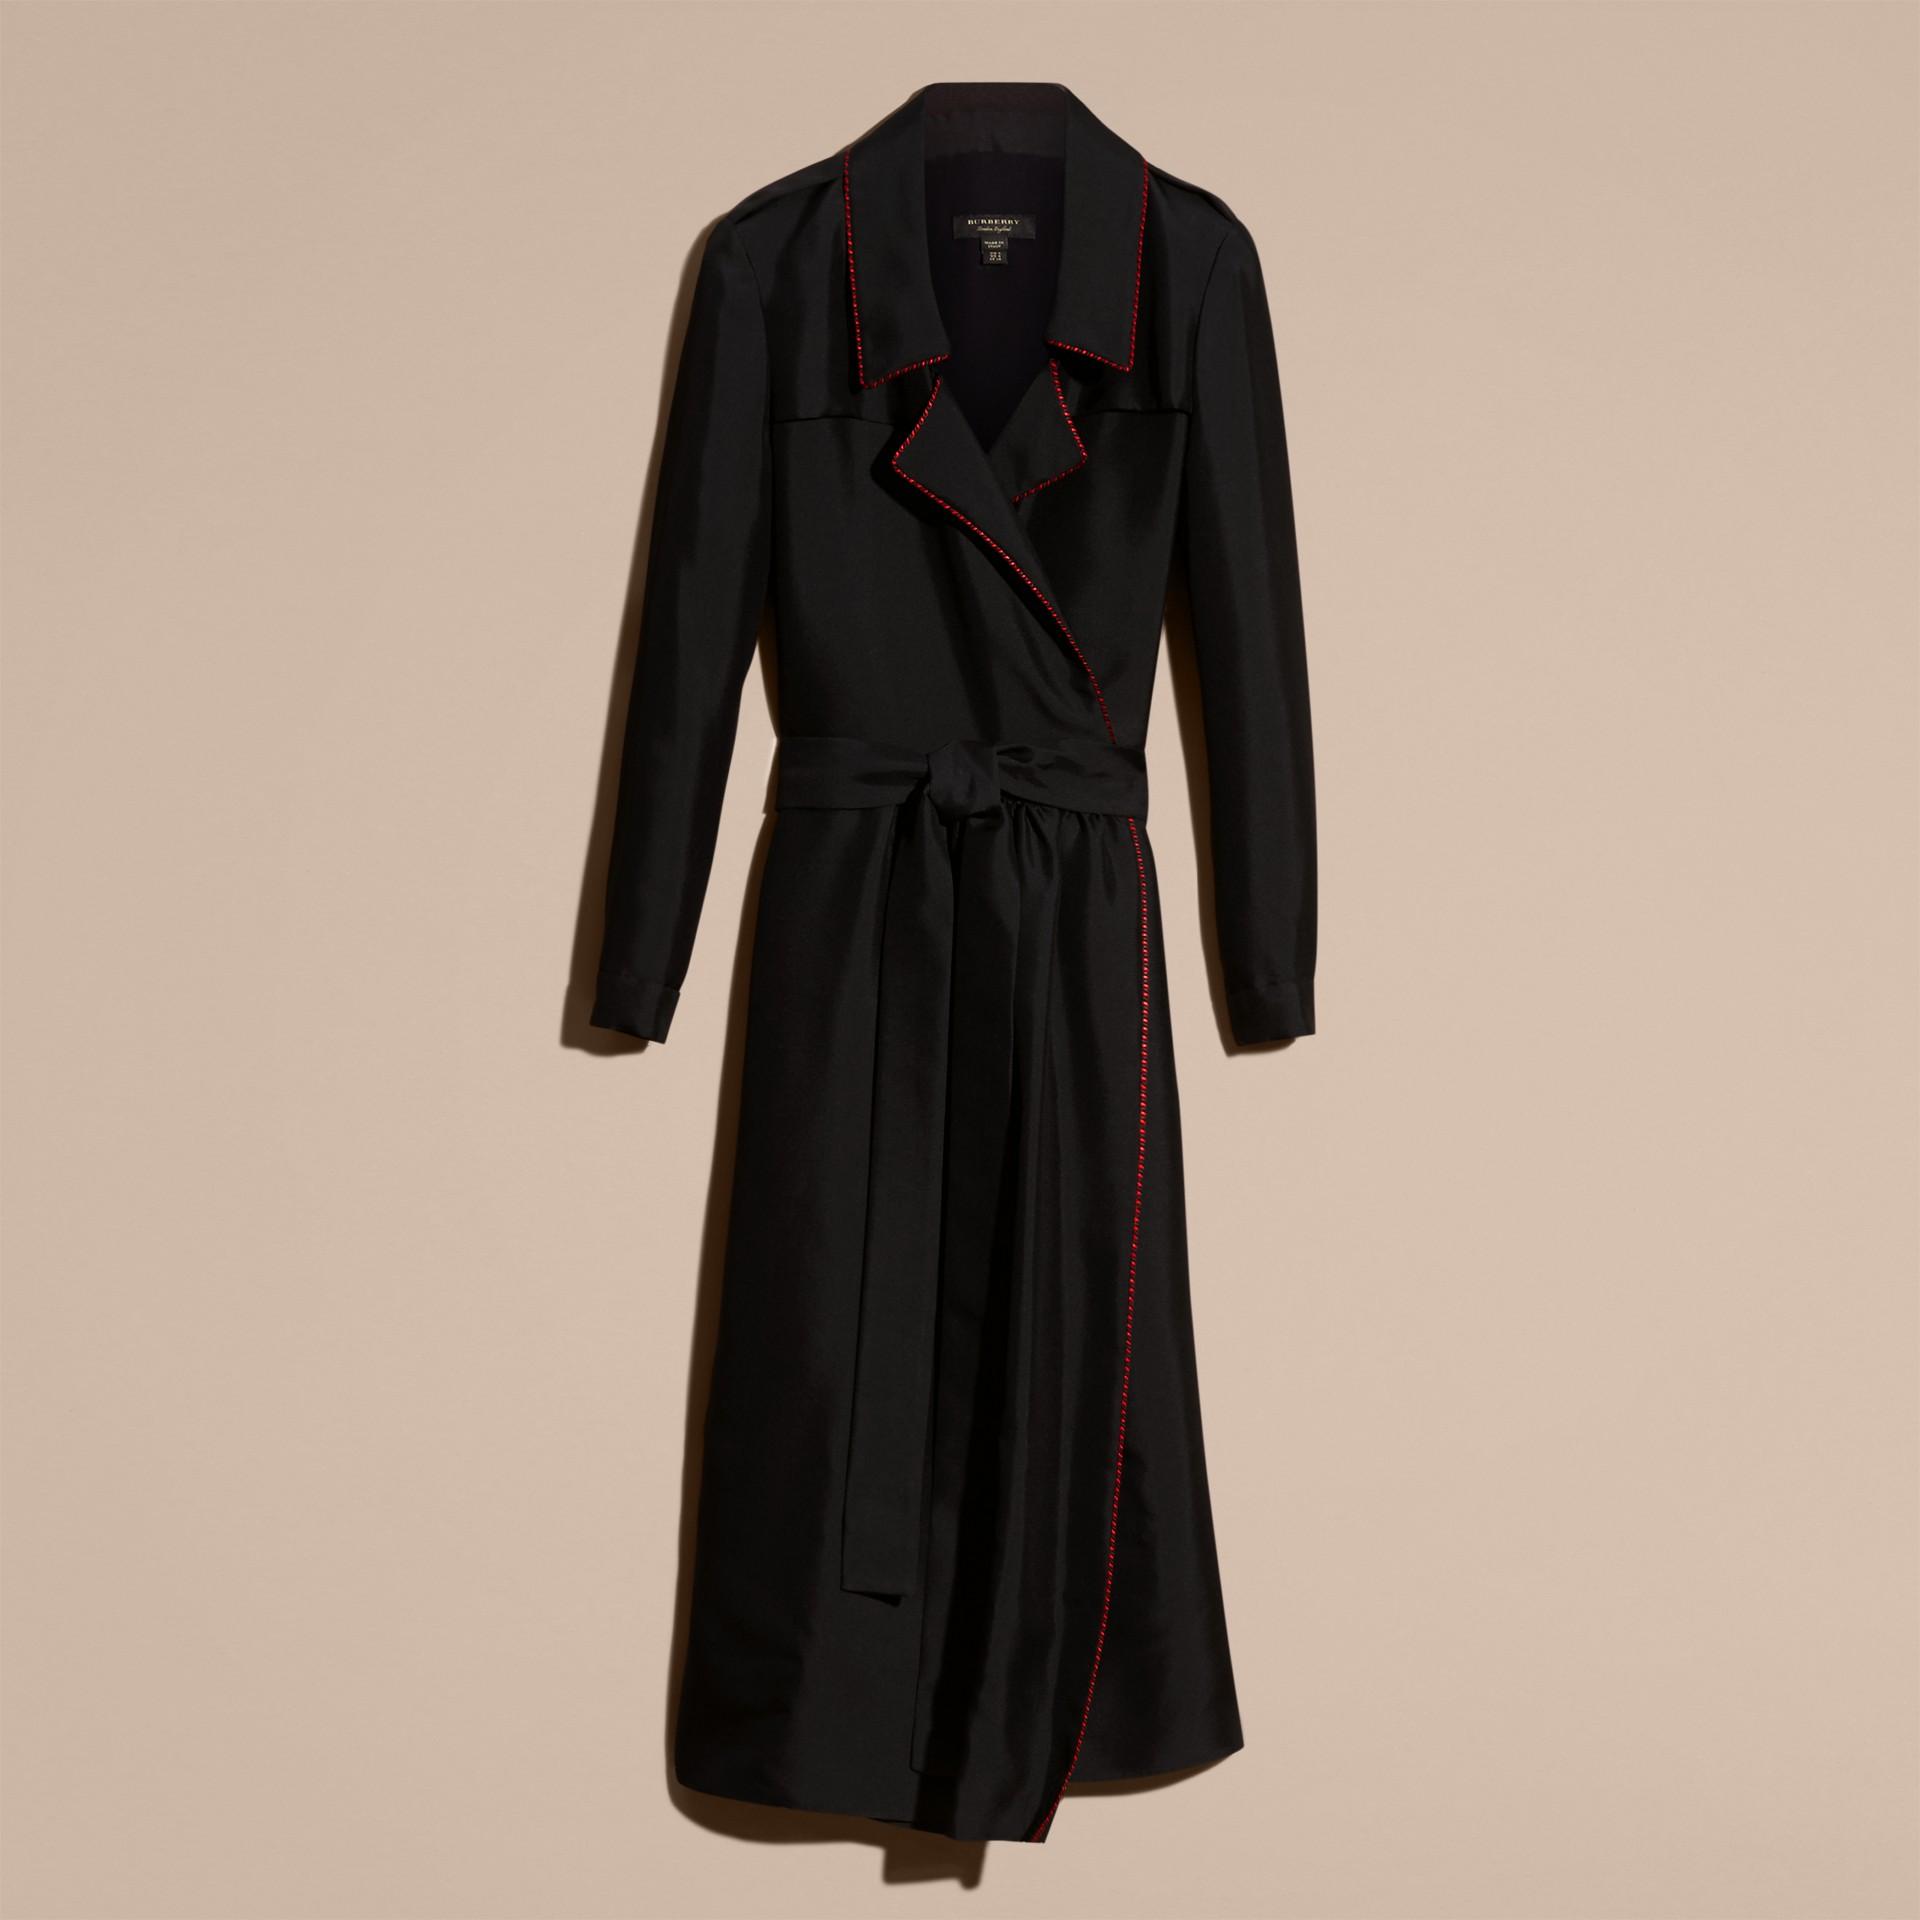 Noir Robe trench portefeuille en soie avec passepoils militaires - photo de la galerie 4